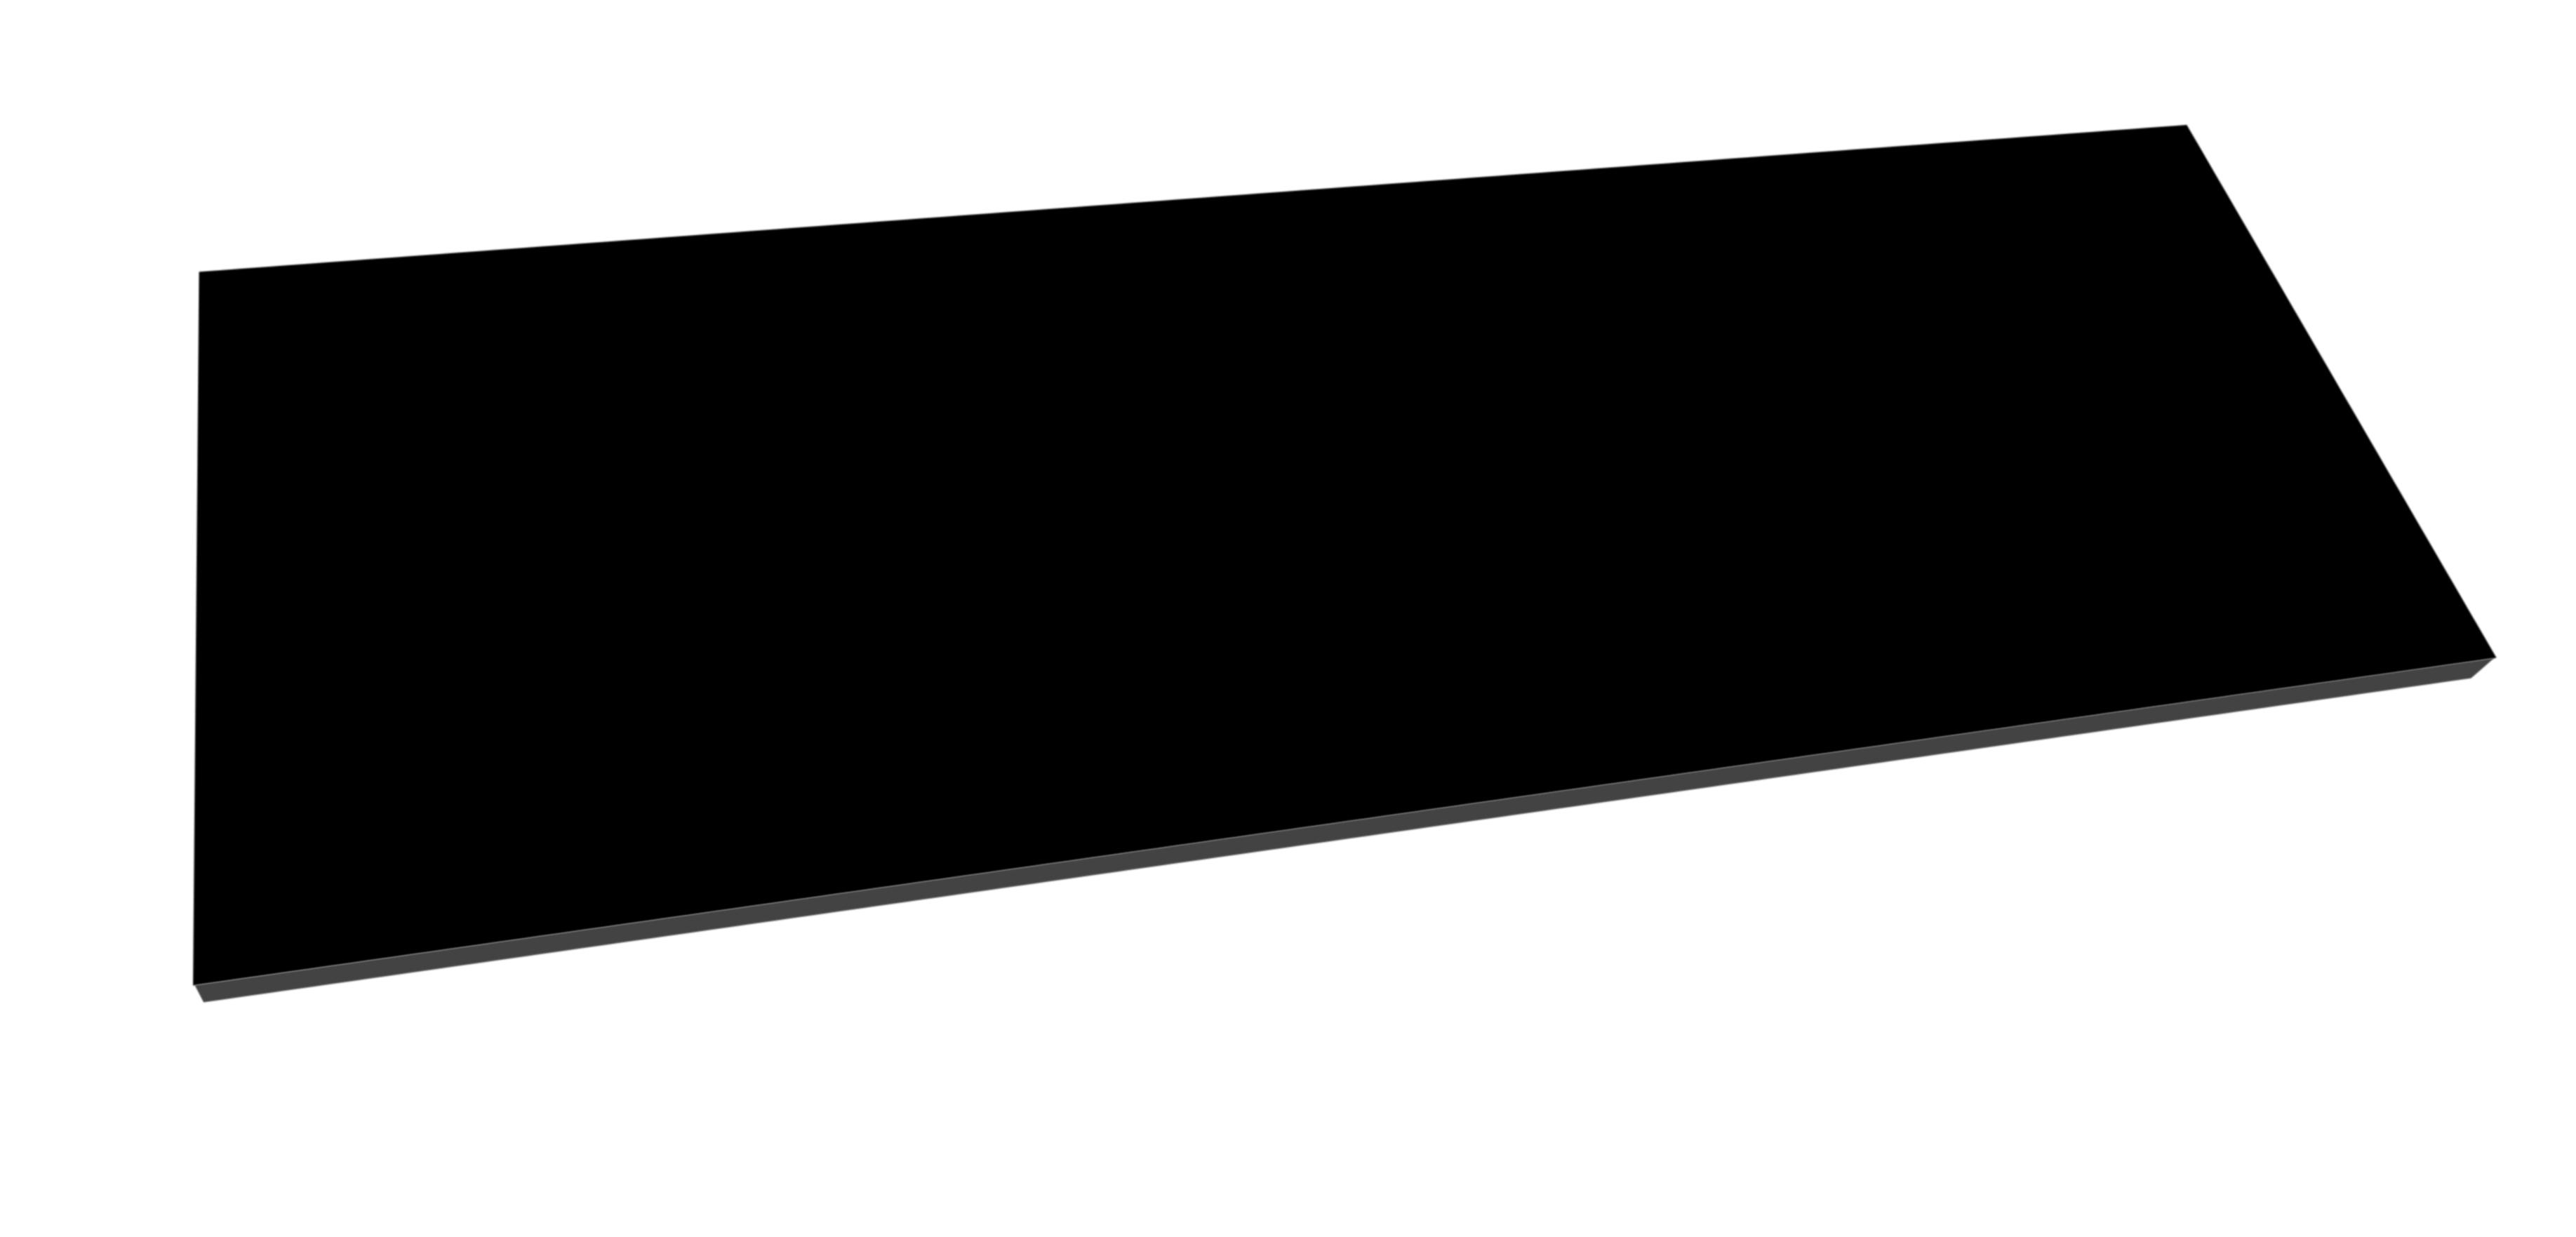 Best Design meubelblad zwart voor badkamermeubel beauty